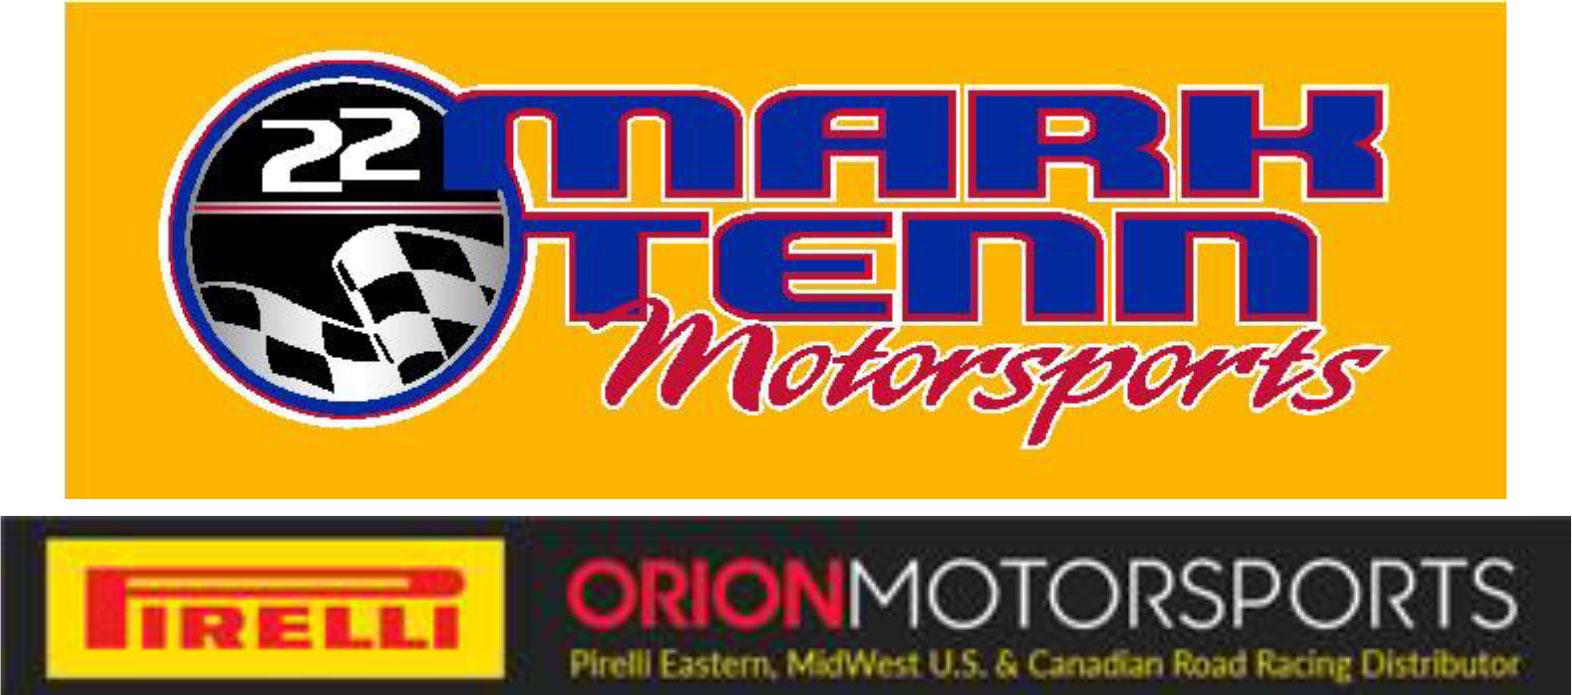 2021 Mark Tenn Motorsports/Pirelli Daytona 200 Contingency Program